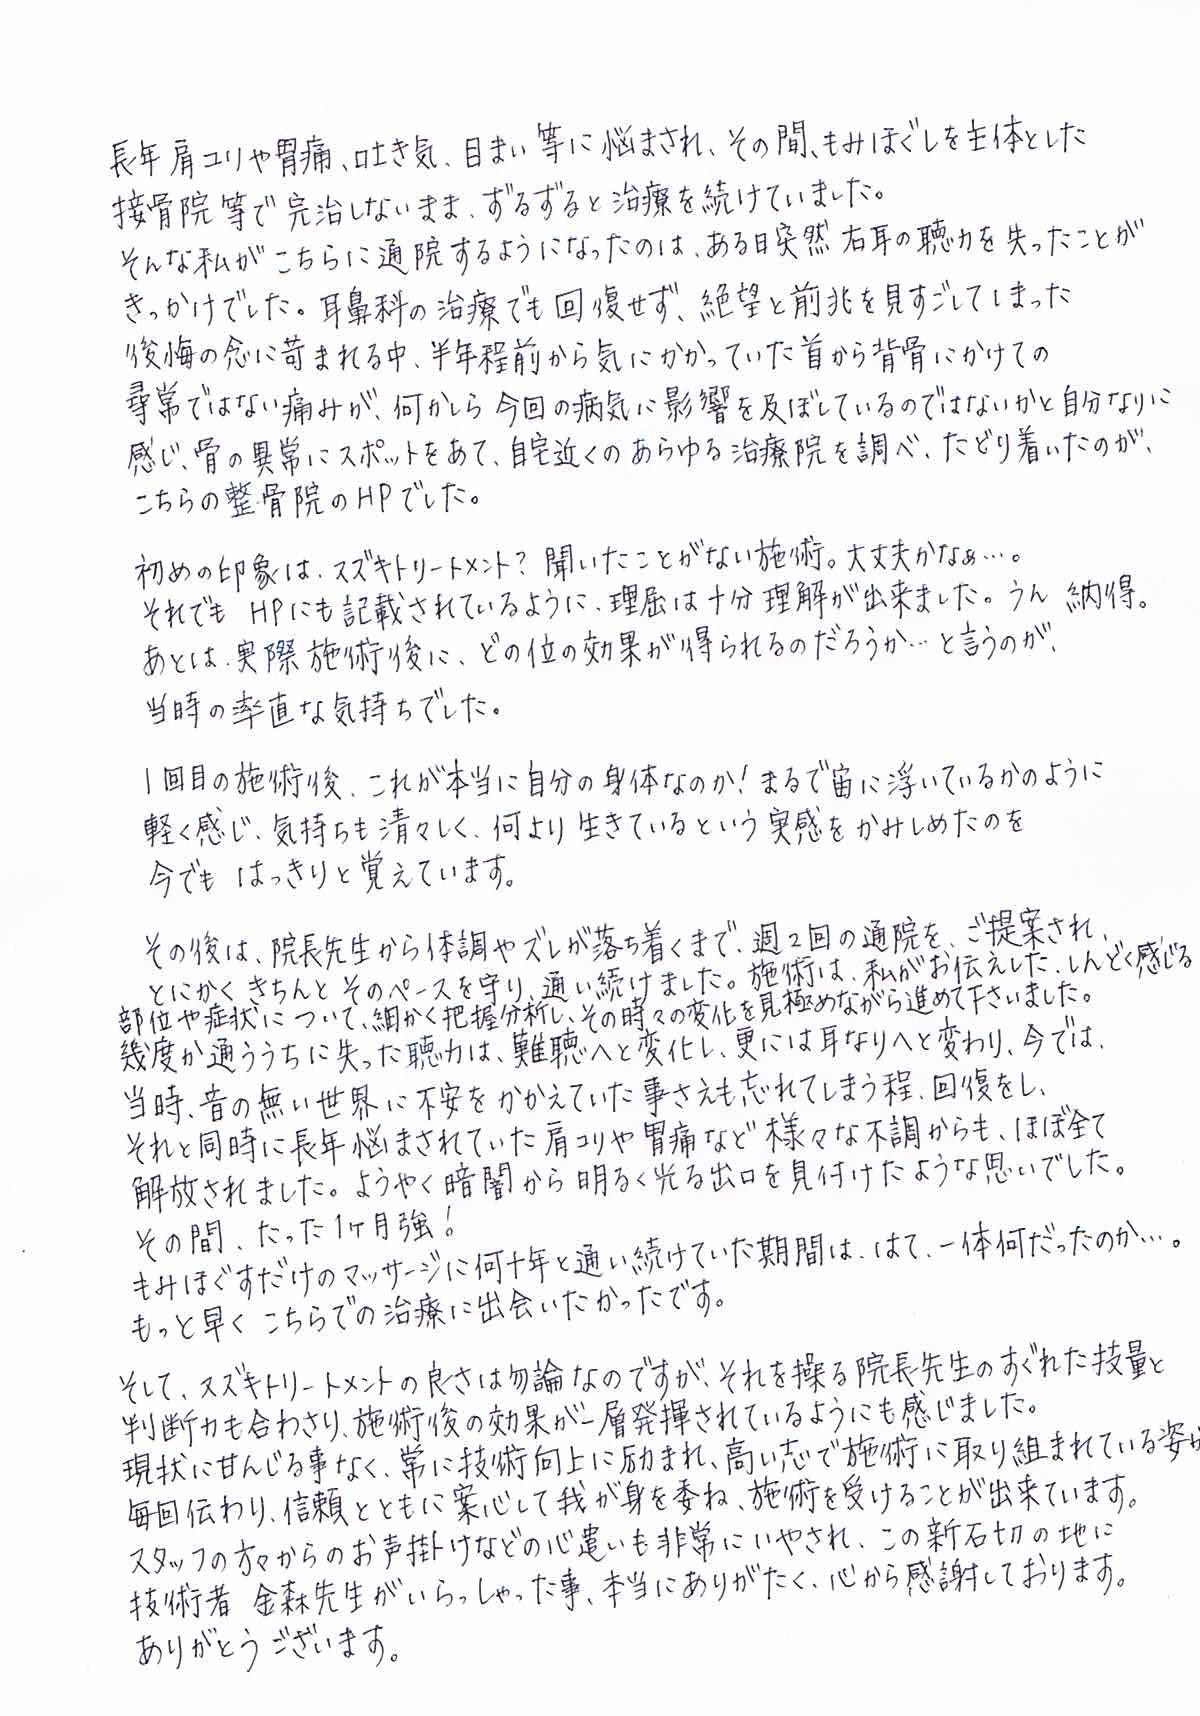 hattori_yuka